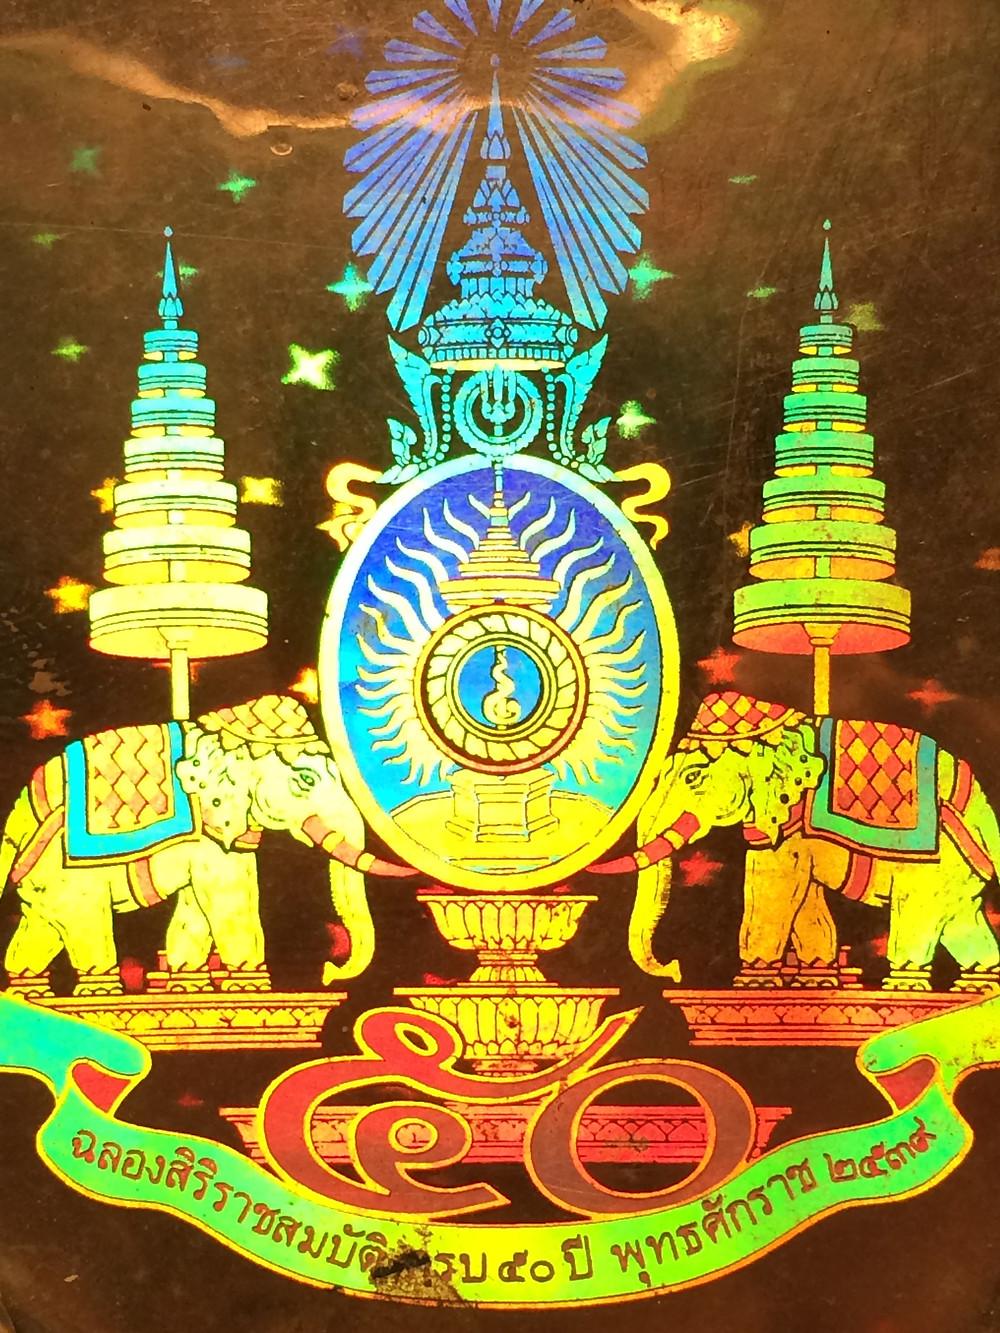 [ฮอโลแกรมตราสัญลักษณ์พระราชพิธีฉลองศิริราชสมบัติครบ ๕๐ ปี] (โดย ดร.วิริยะ ชูปวีน - ภาพสะท้อนแสงสีเหลือง)